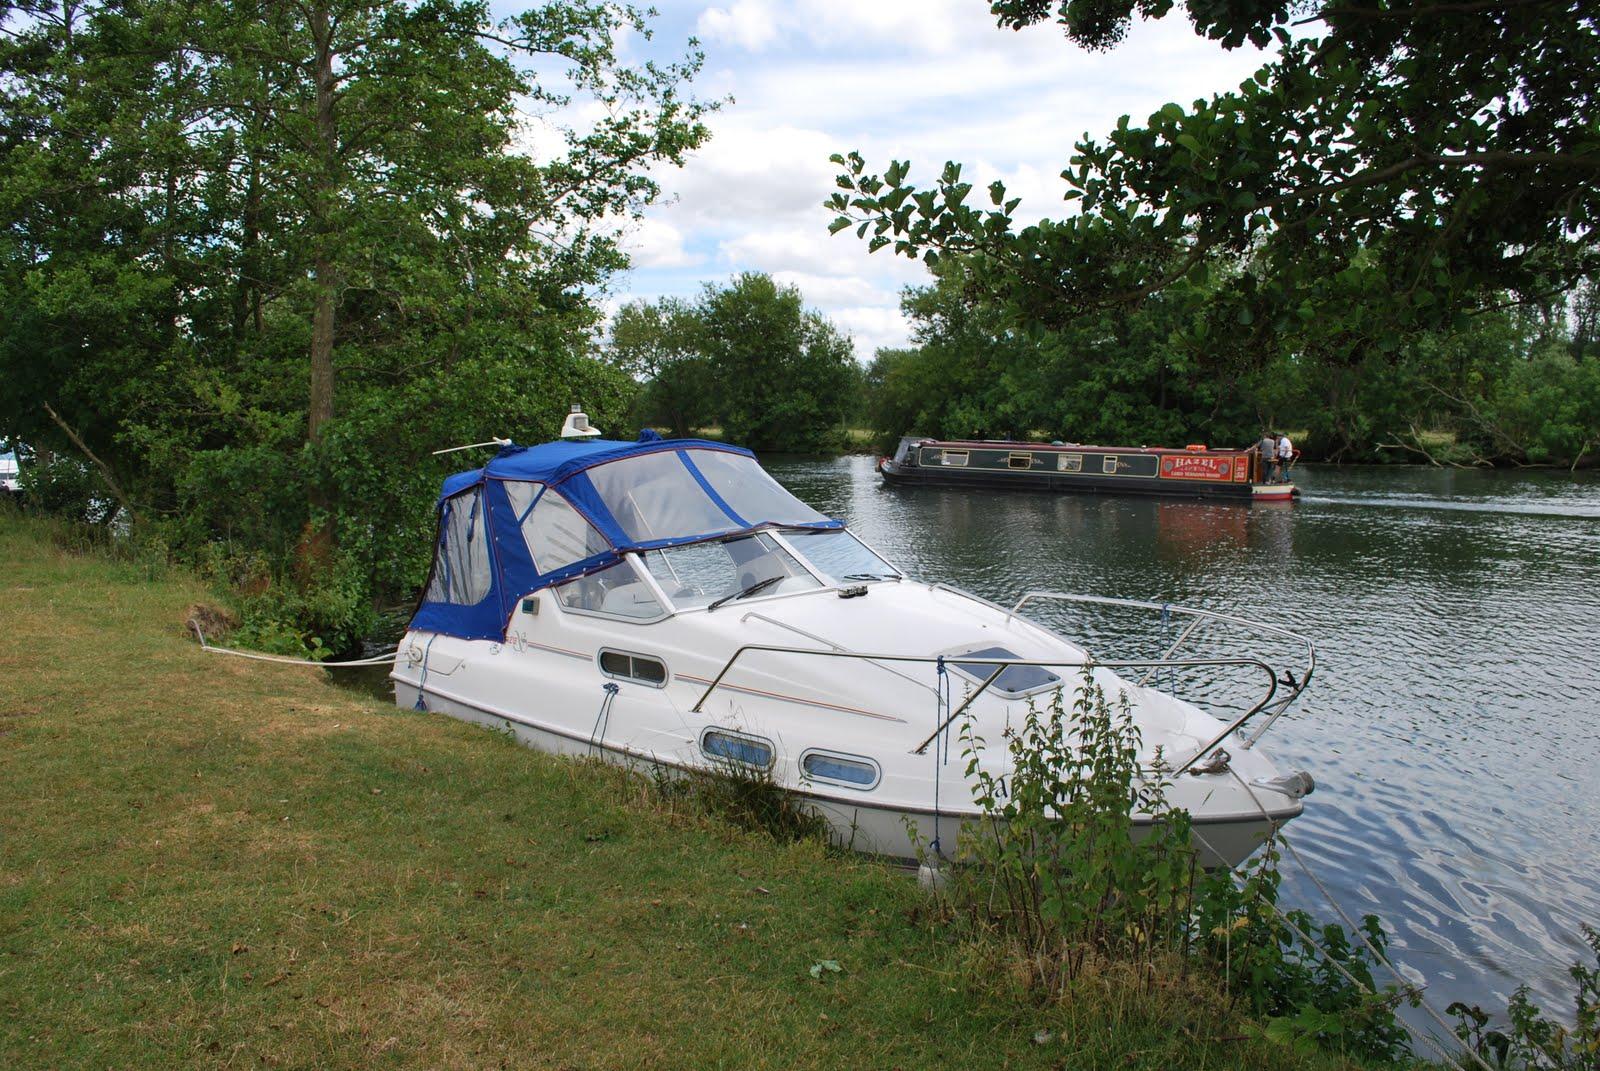 ... river boat, River Thames, Sealine 218 for sale, Thames mooring